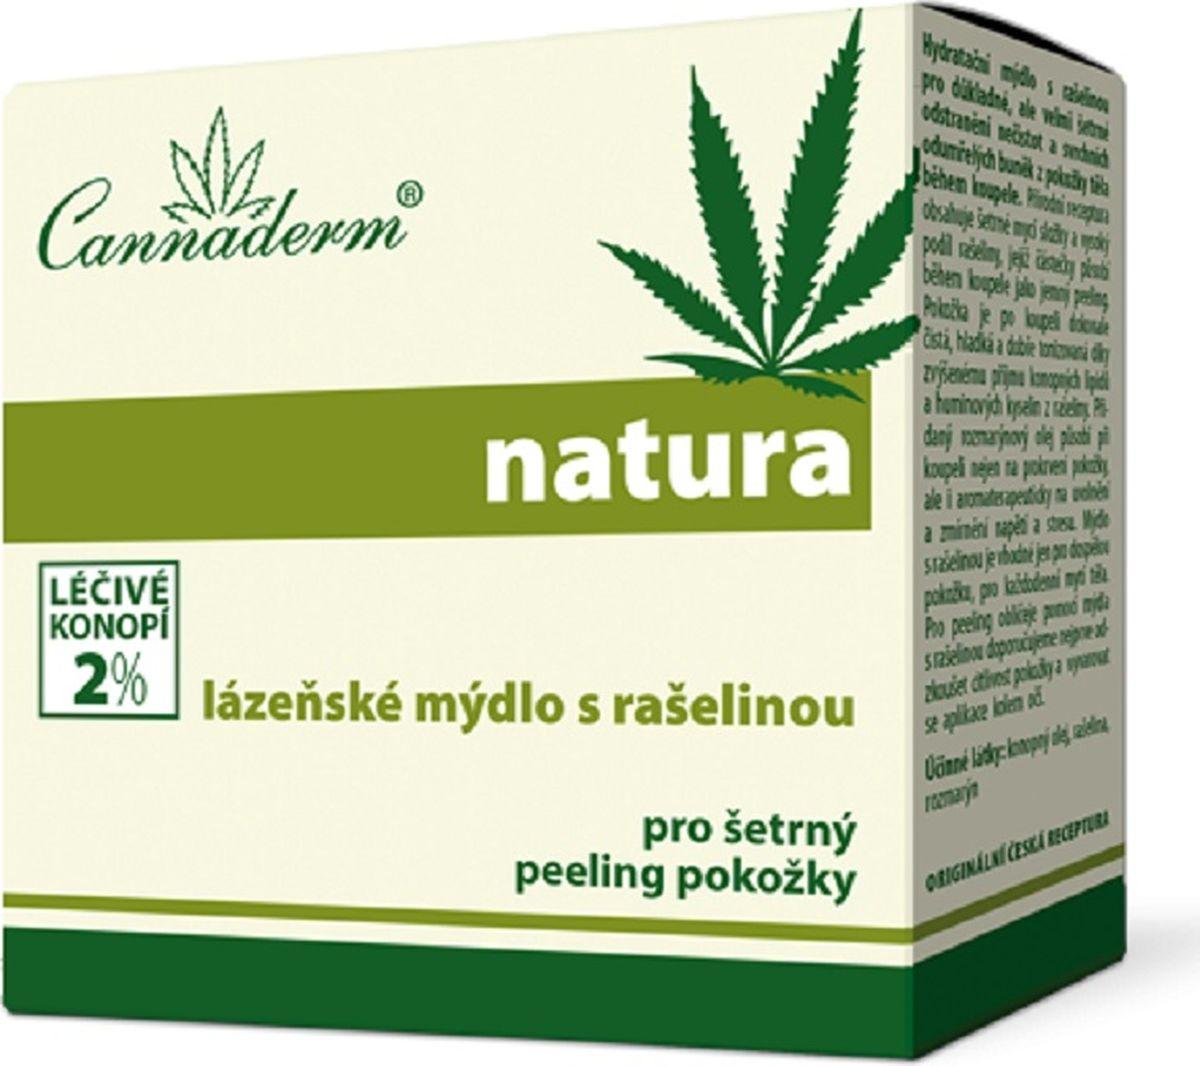 Natura Банное мыло с торфом Cannaderm 80г.